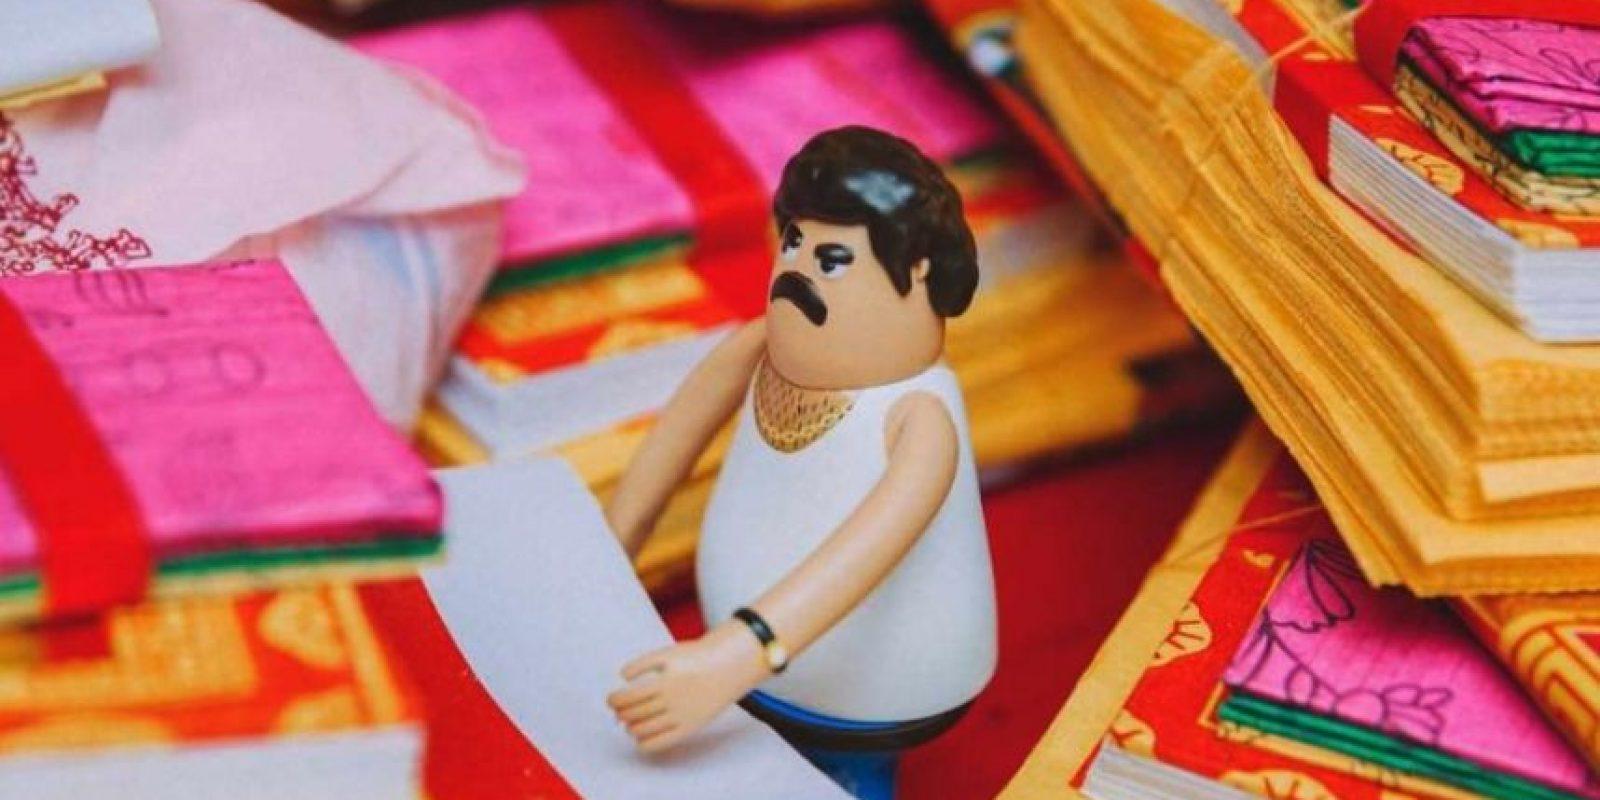 Crean juguete de Pablo Escobar Foto: Bito